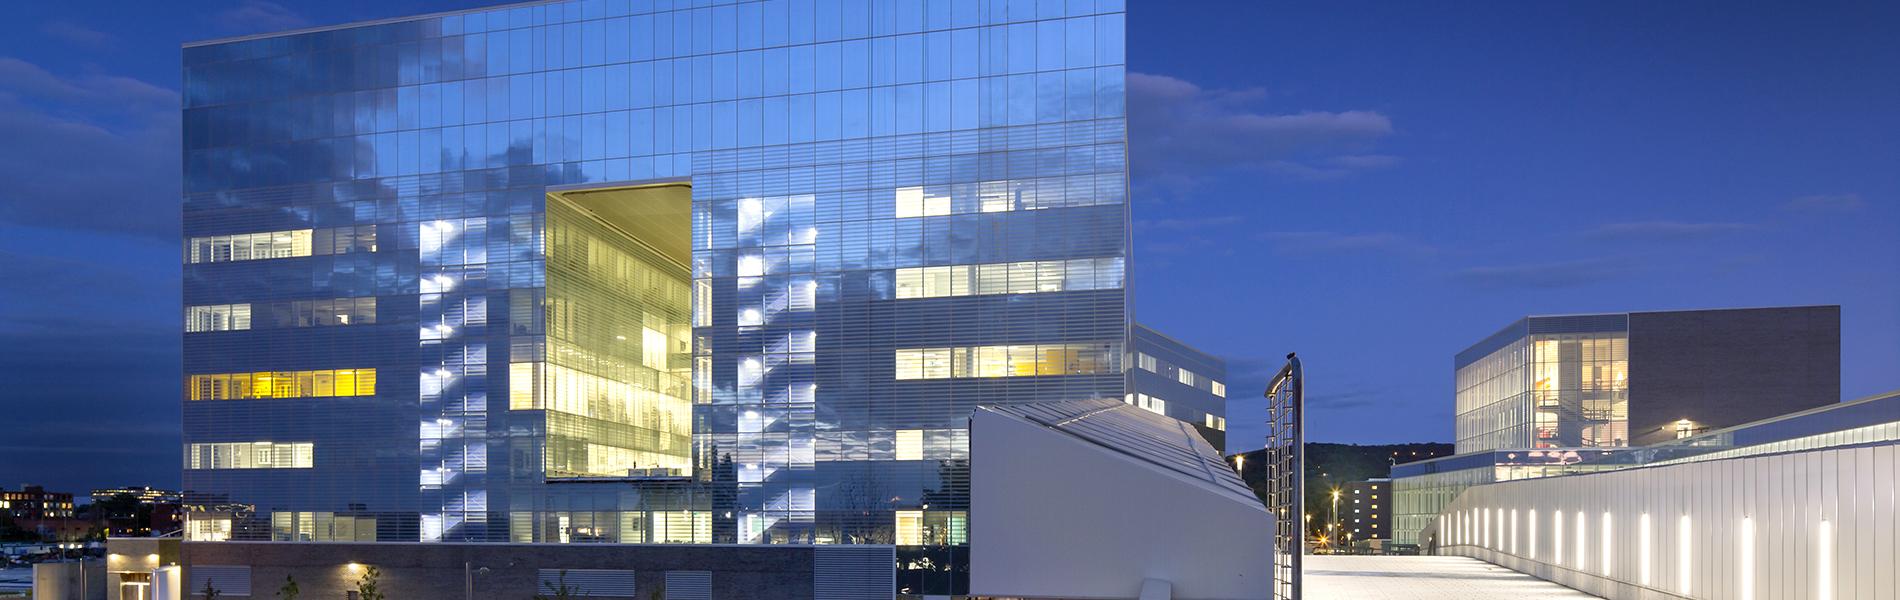 The MIL Campus - Université de Montréal